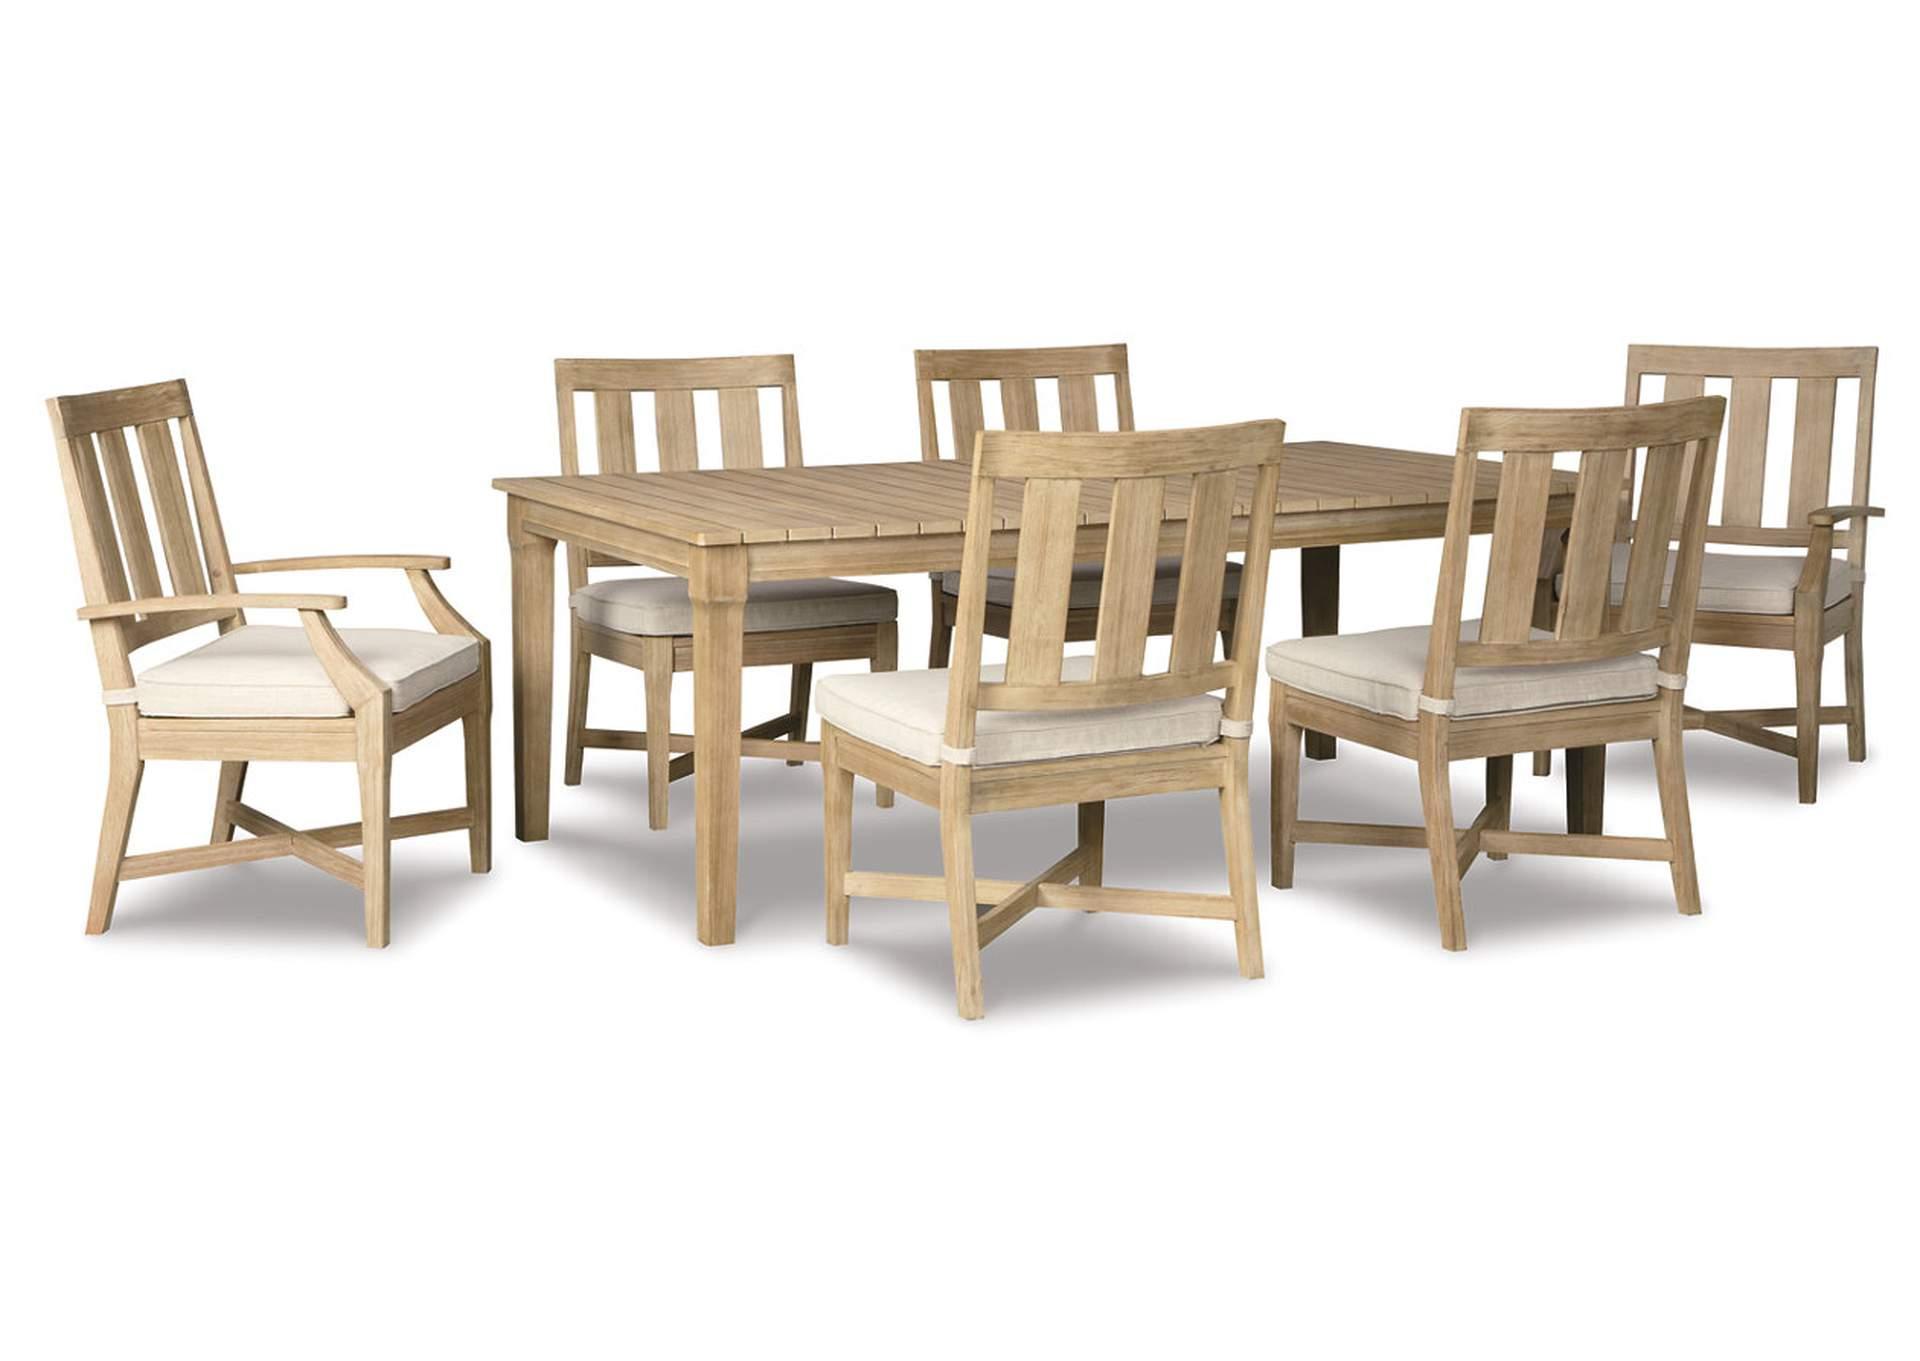 Clare View Обеденный стол с опцией зонта, 4 кресла, 2 кресла с подлокотниками бежевого цвета